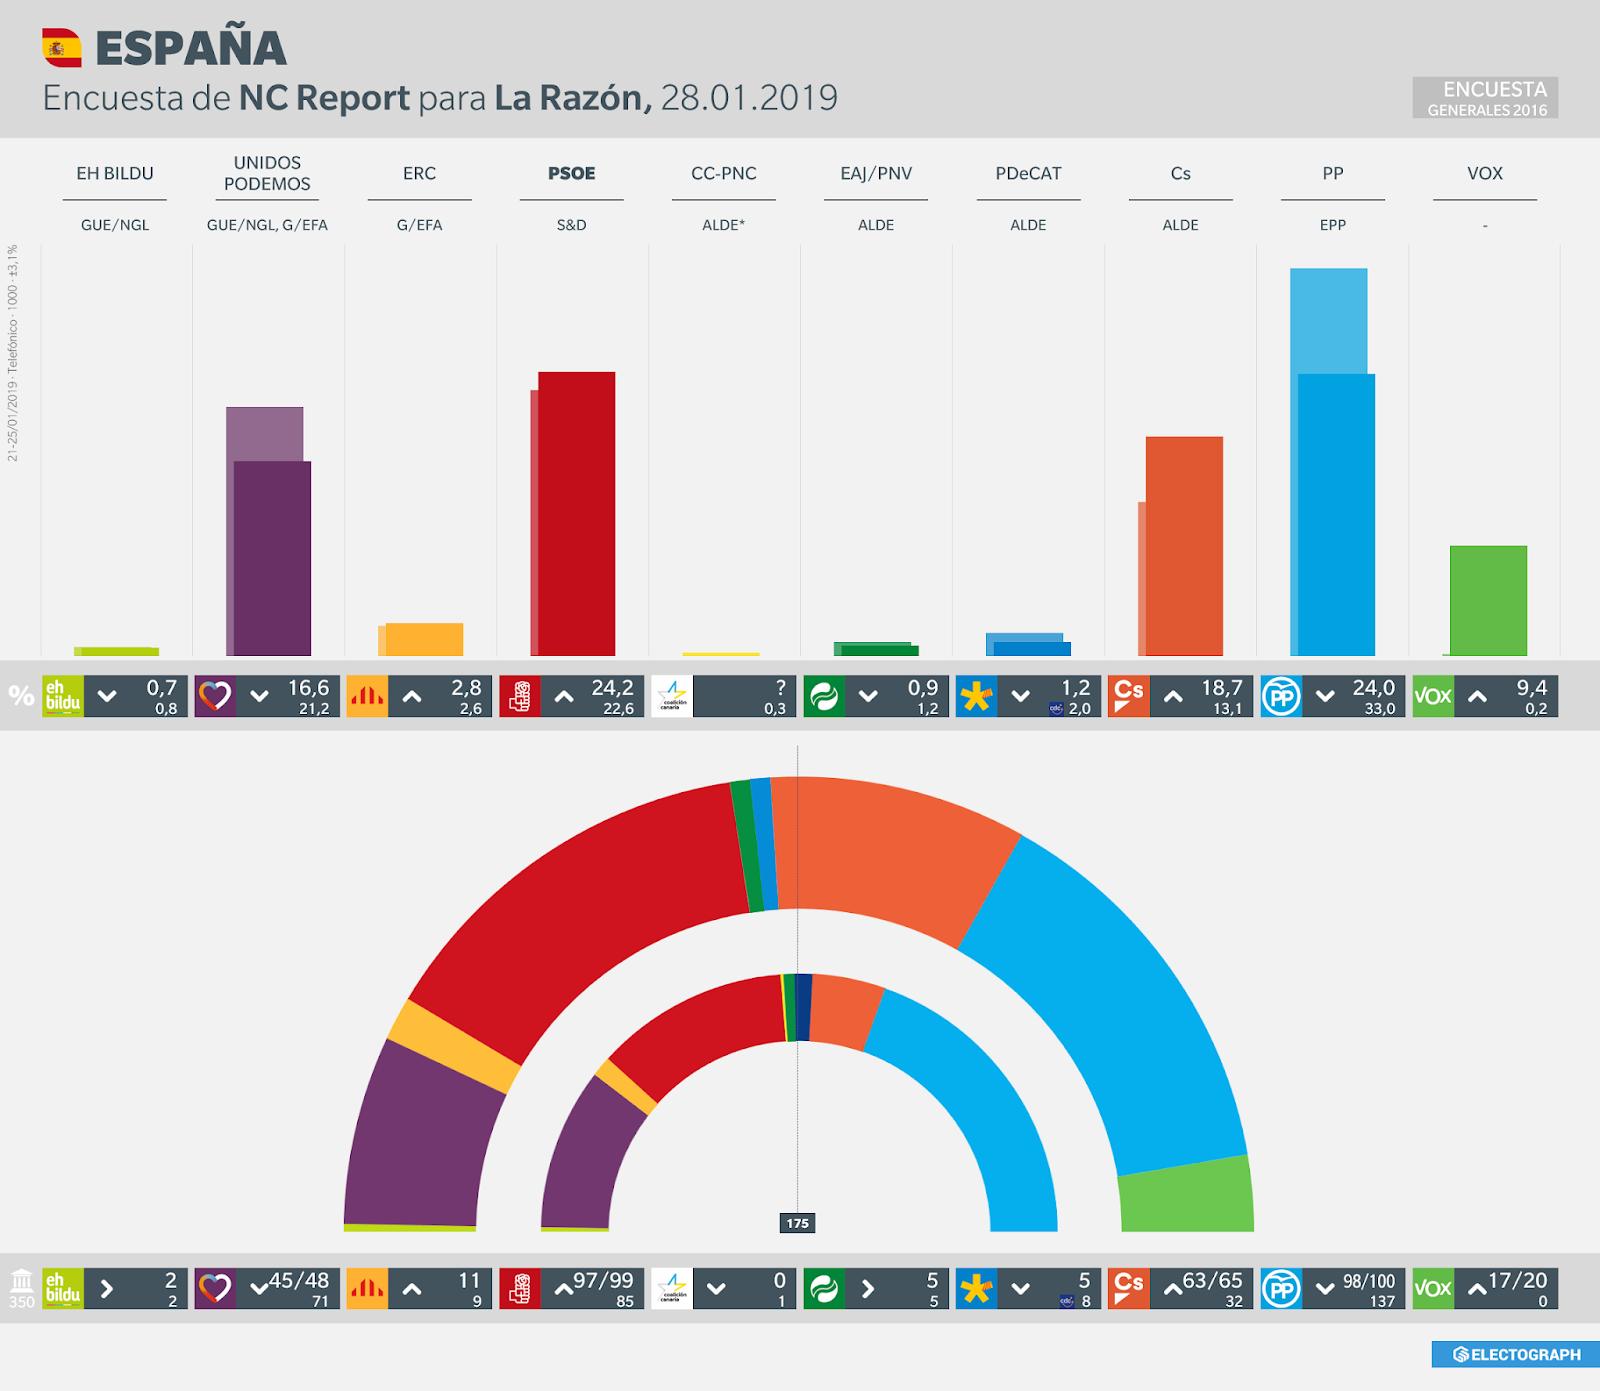 Gráfico de la encuesta para elecciones generales en España realizada por NC Report para La Razón, 28 de enero de 2019